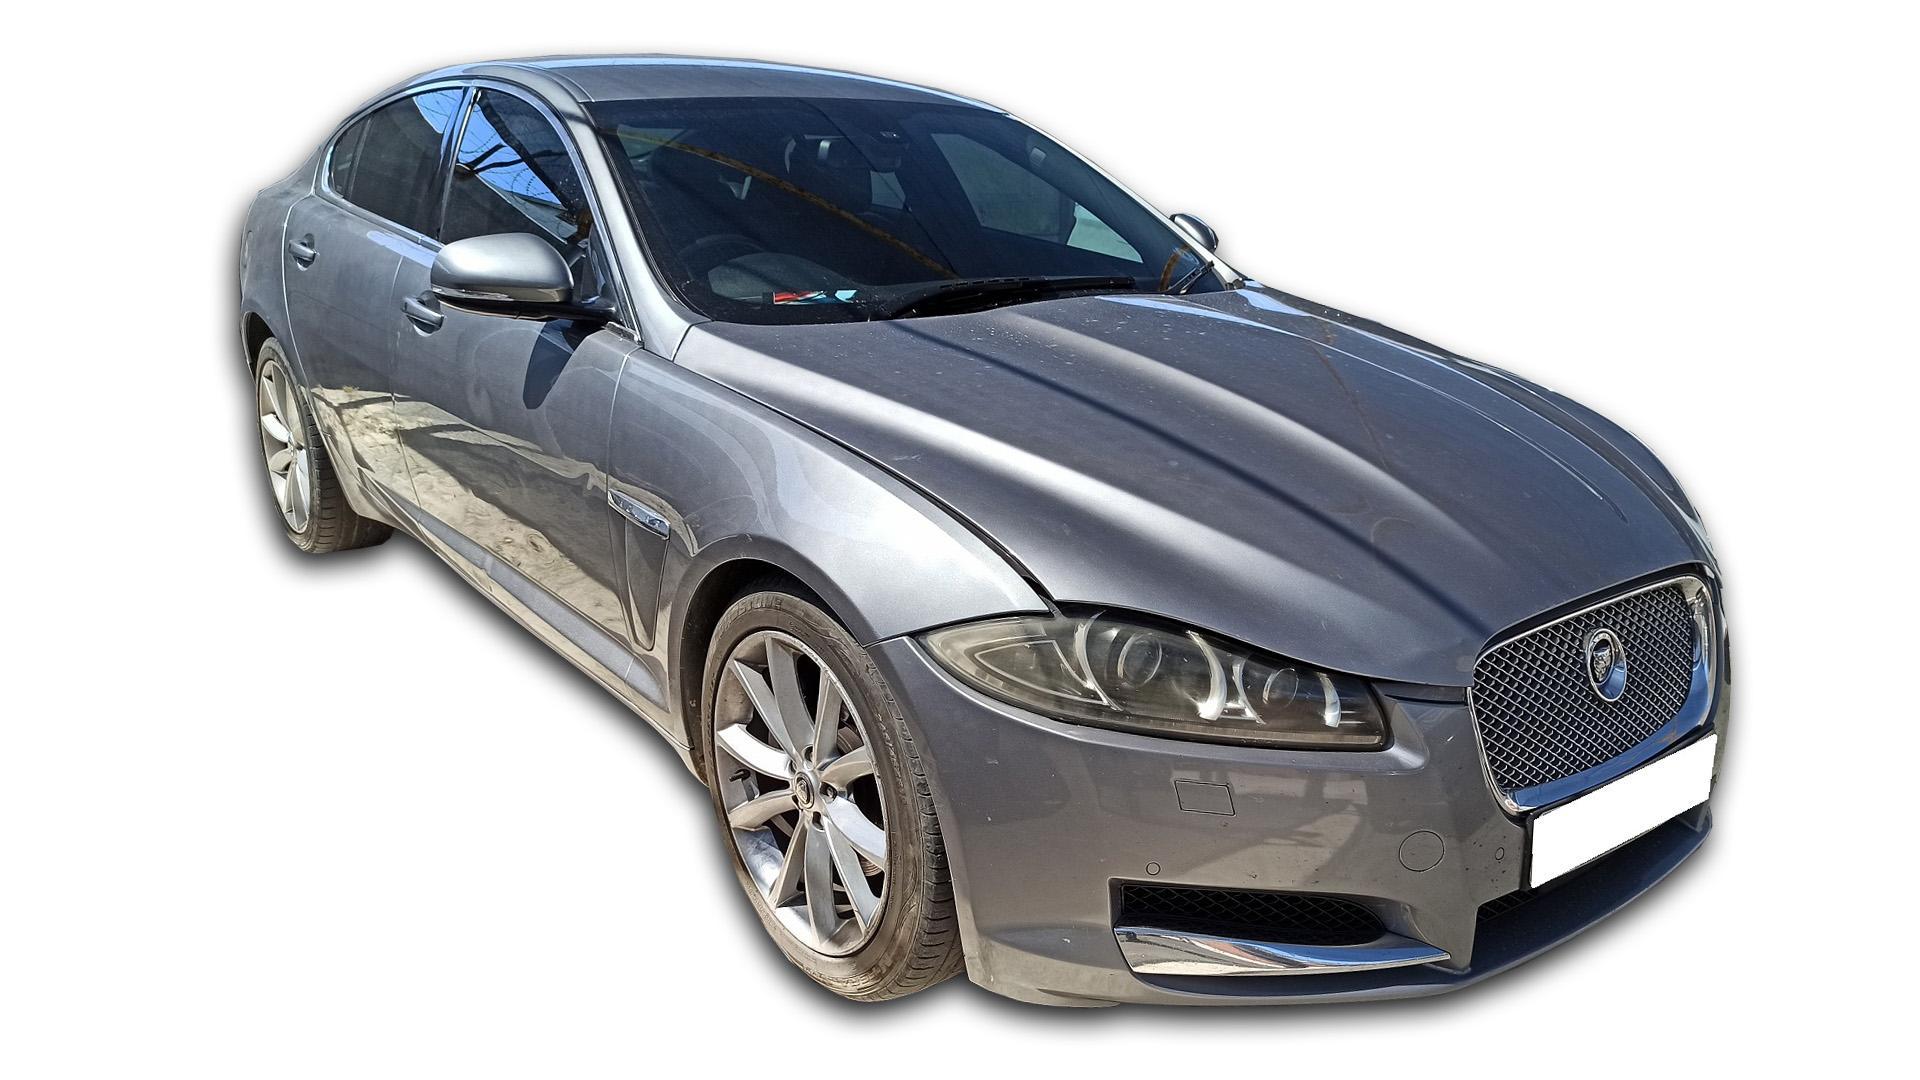 Jaguar XF 2.0 I4 Premium Lux